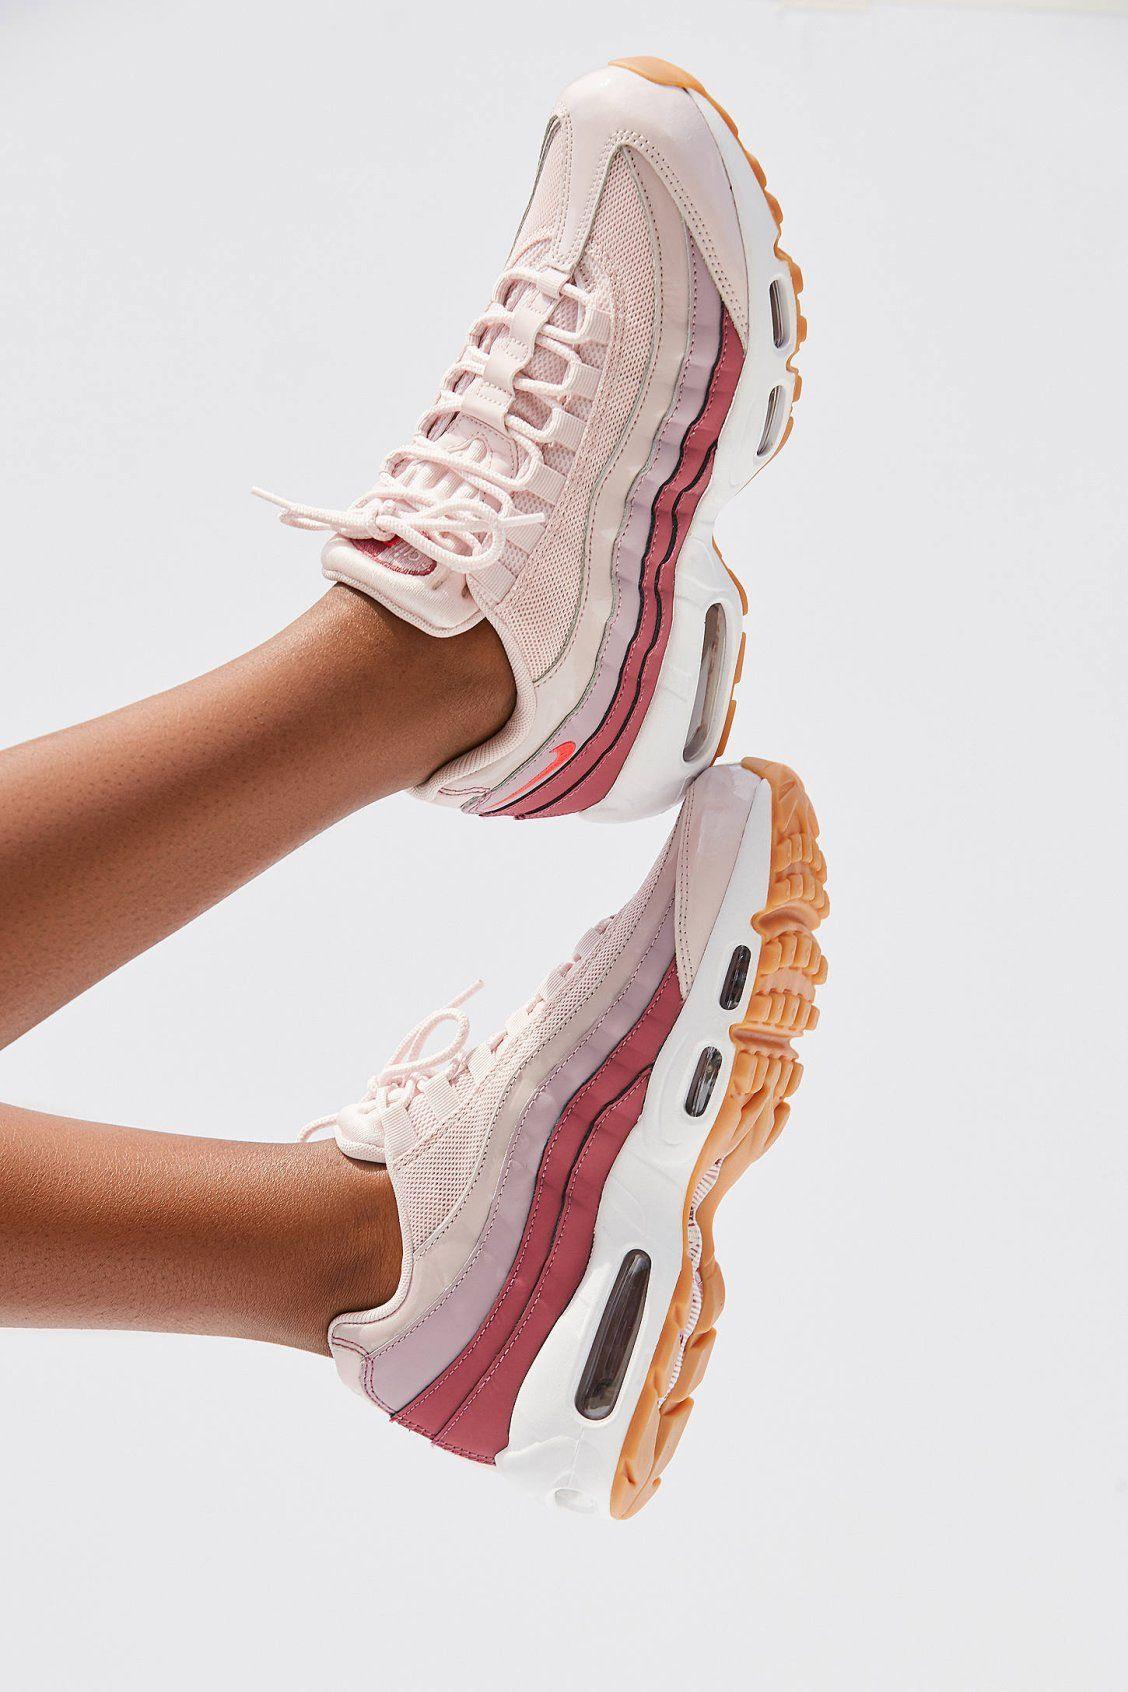 Nike Air Max 95 Sneaker | Trending